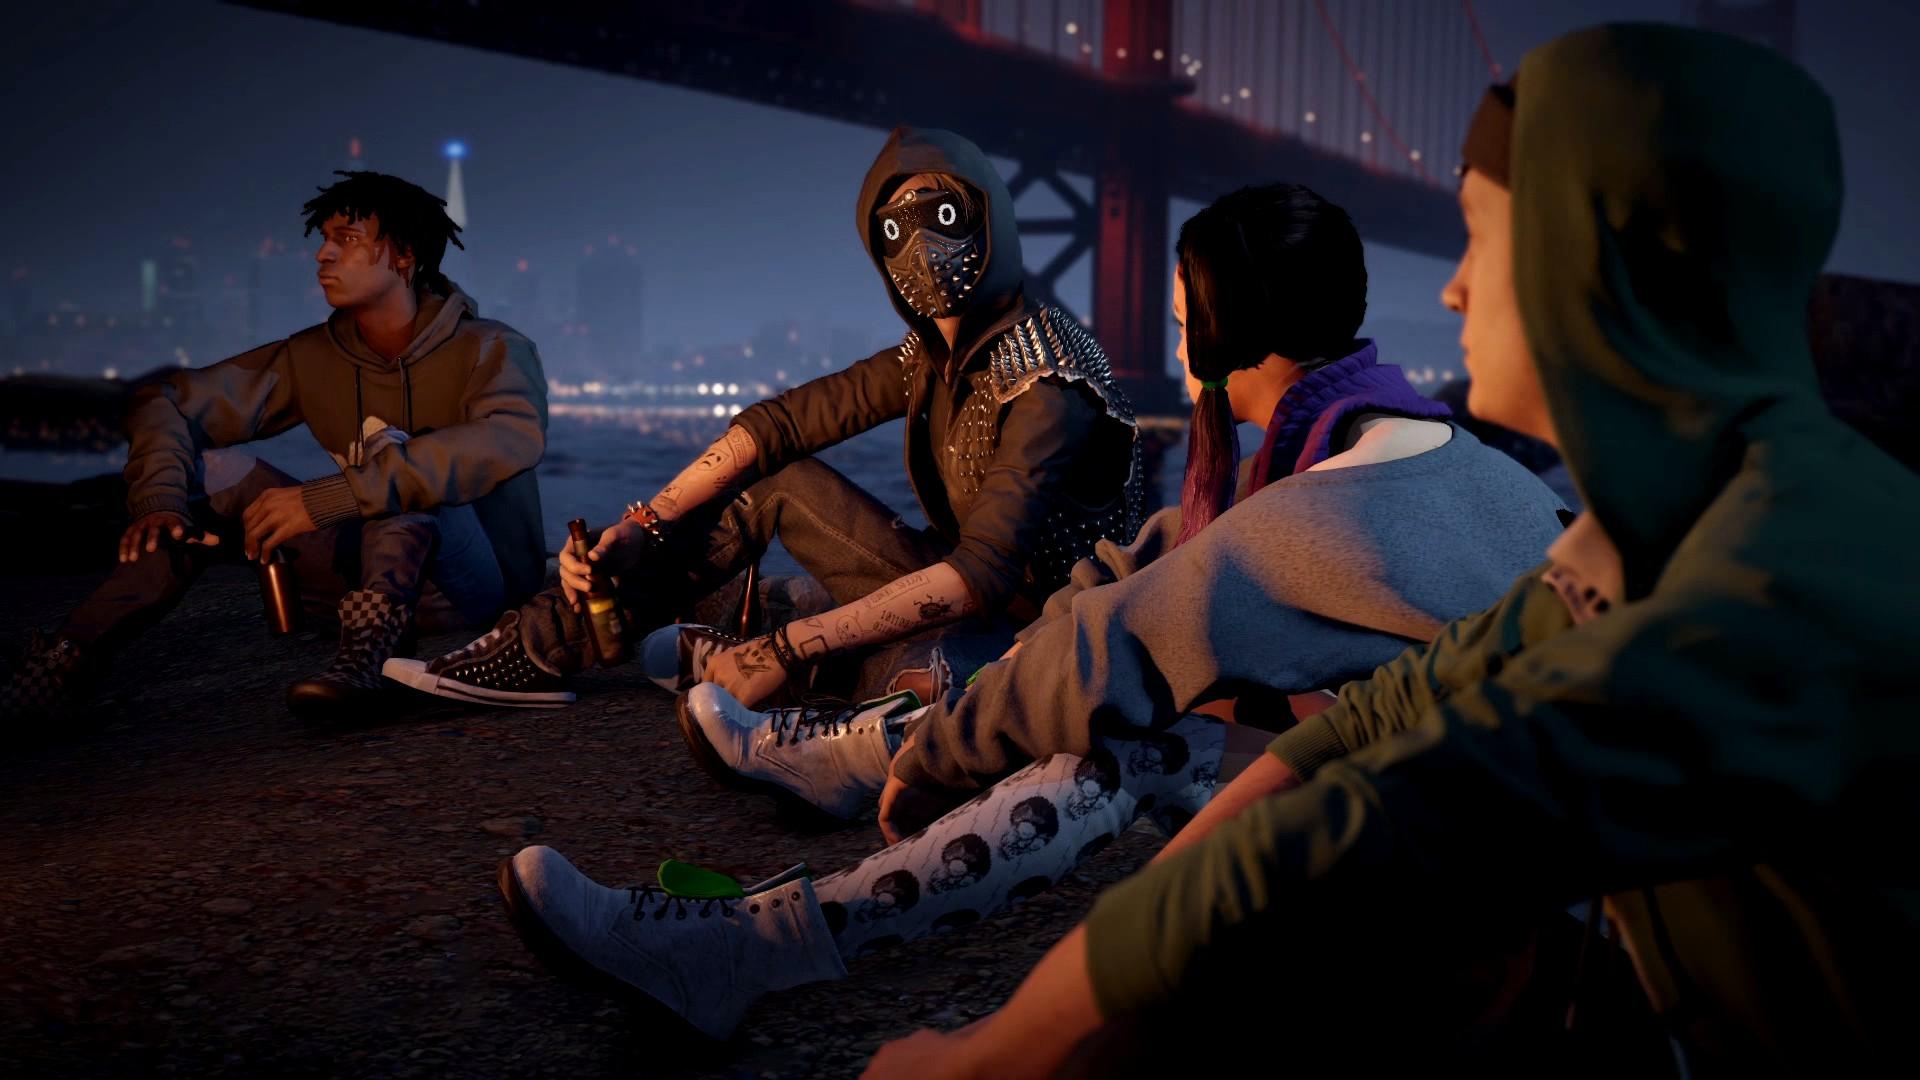 Wallpaper Golden Gate, Watch Dogs 2, gang, video game